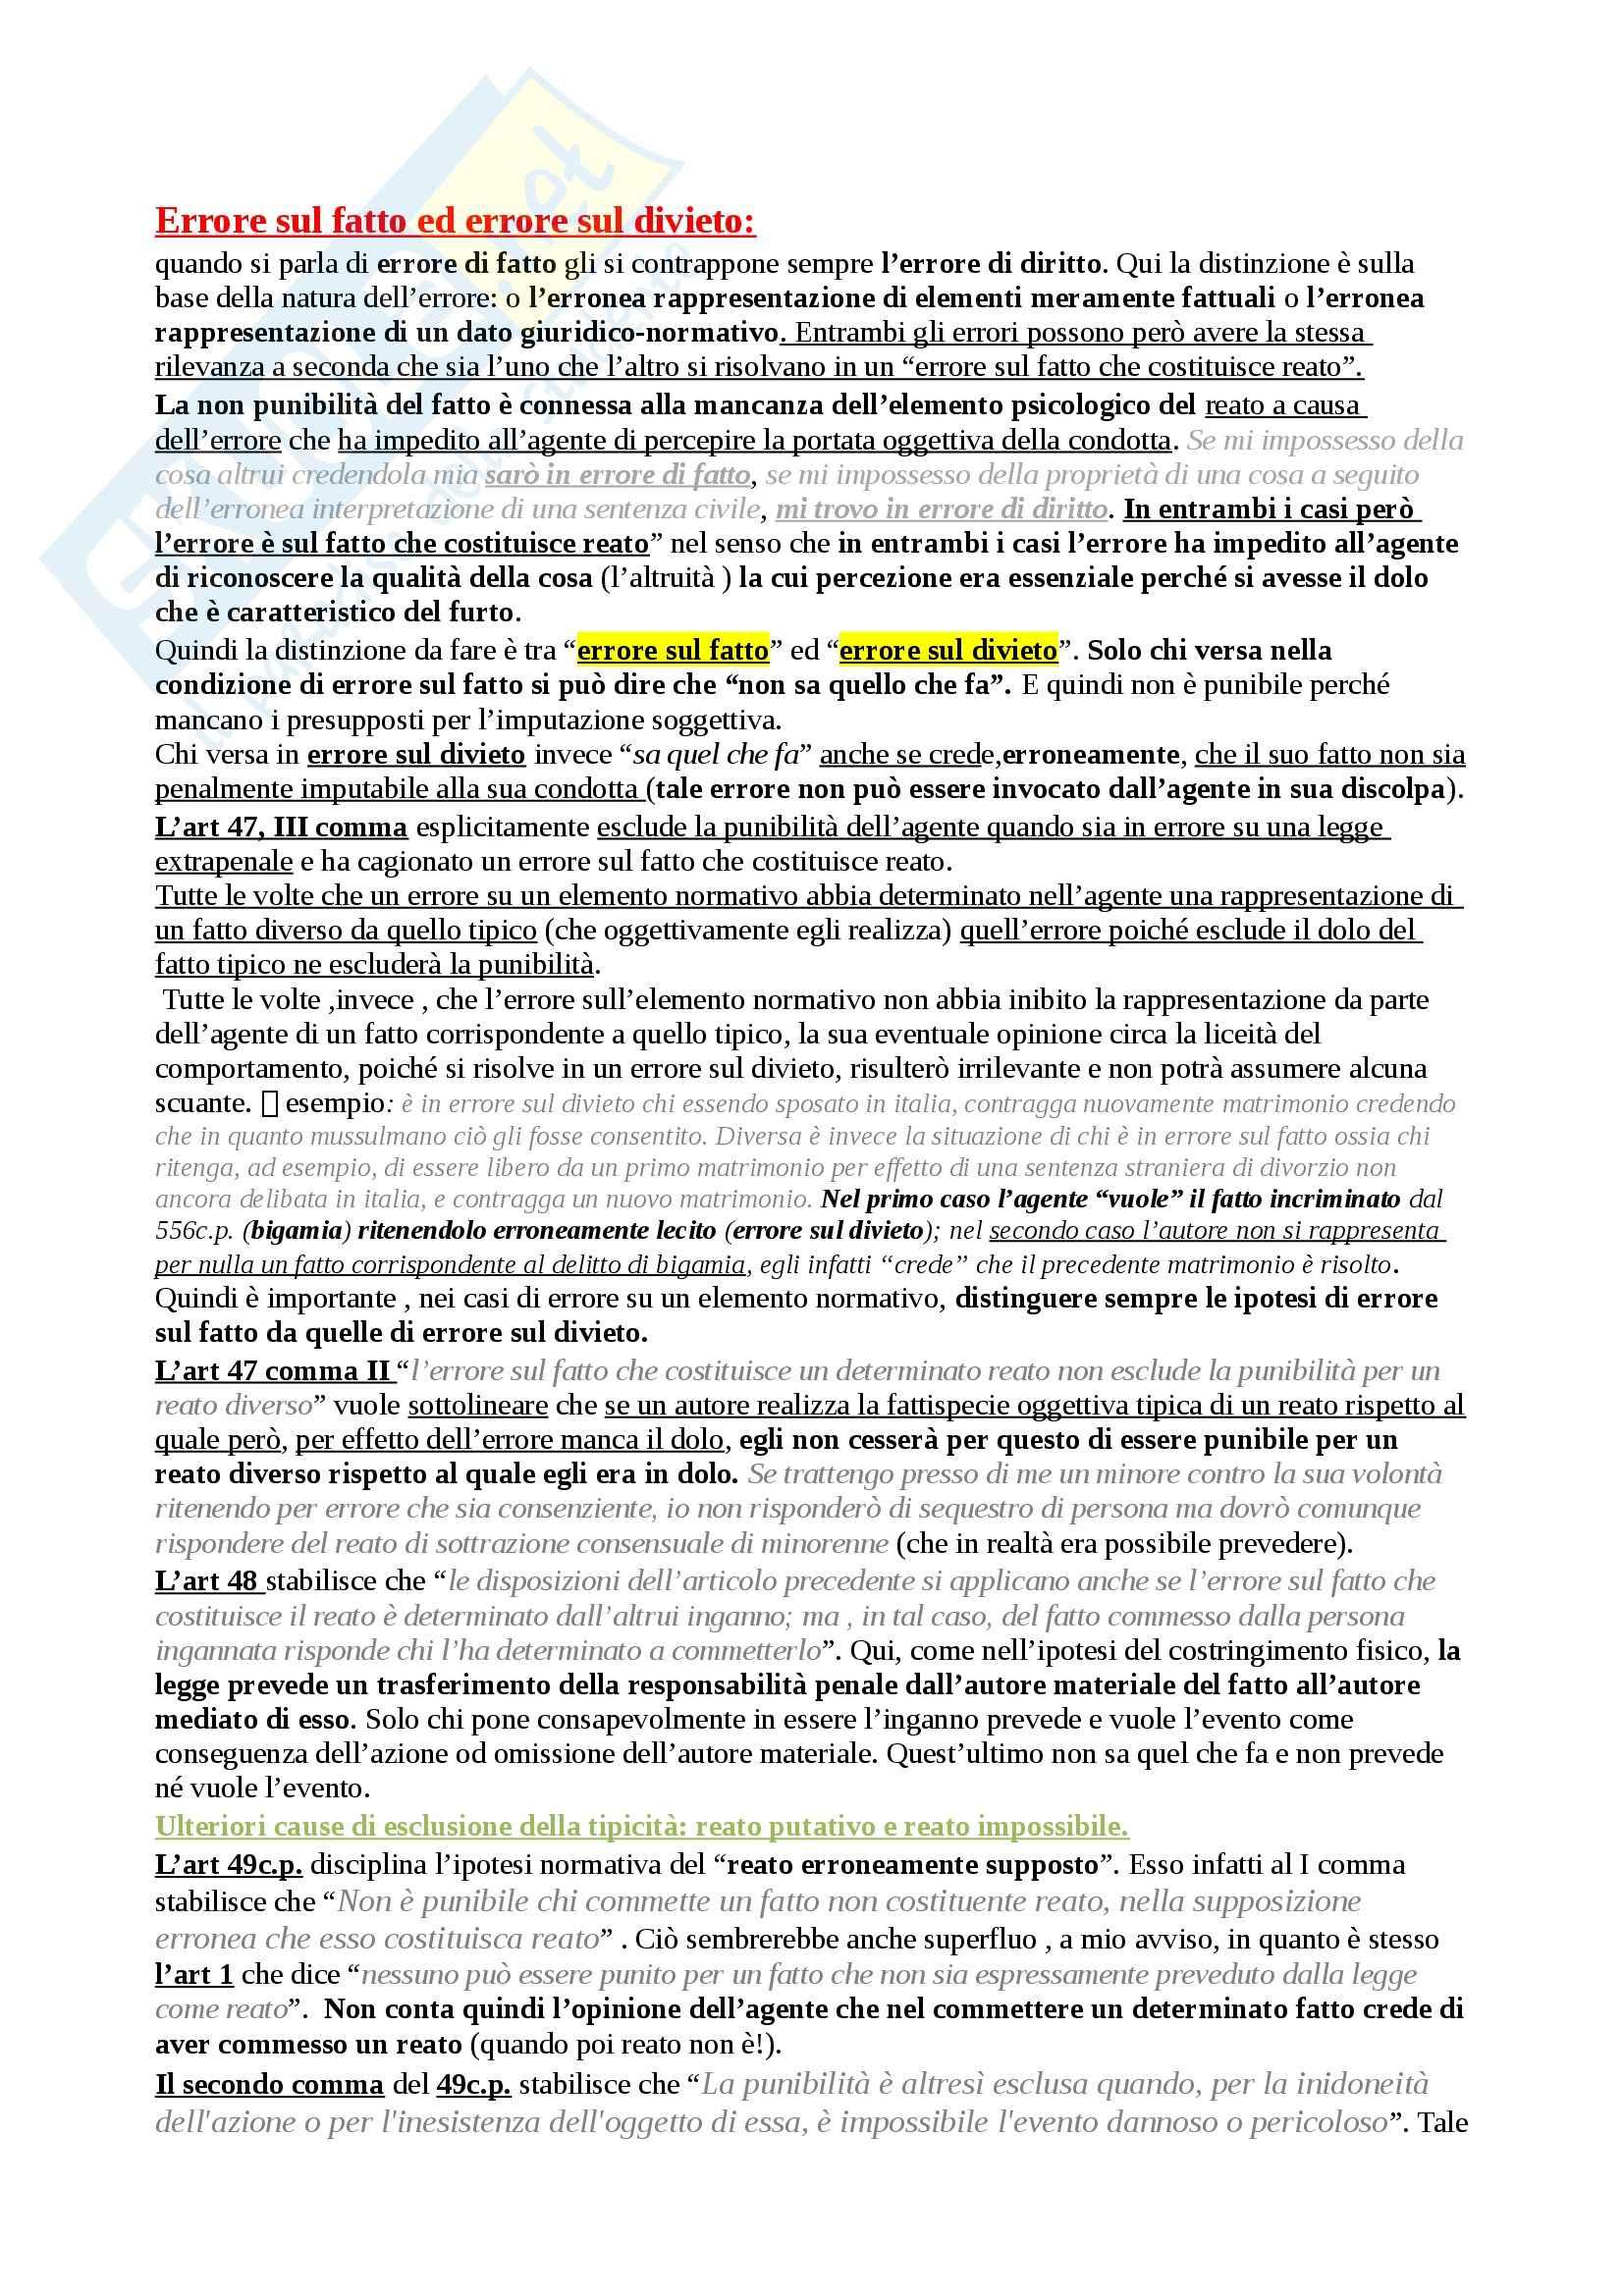 Diritto penale - Errore sul fatto ed errore sul divieto